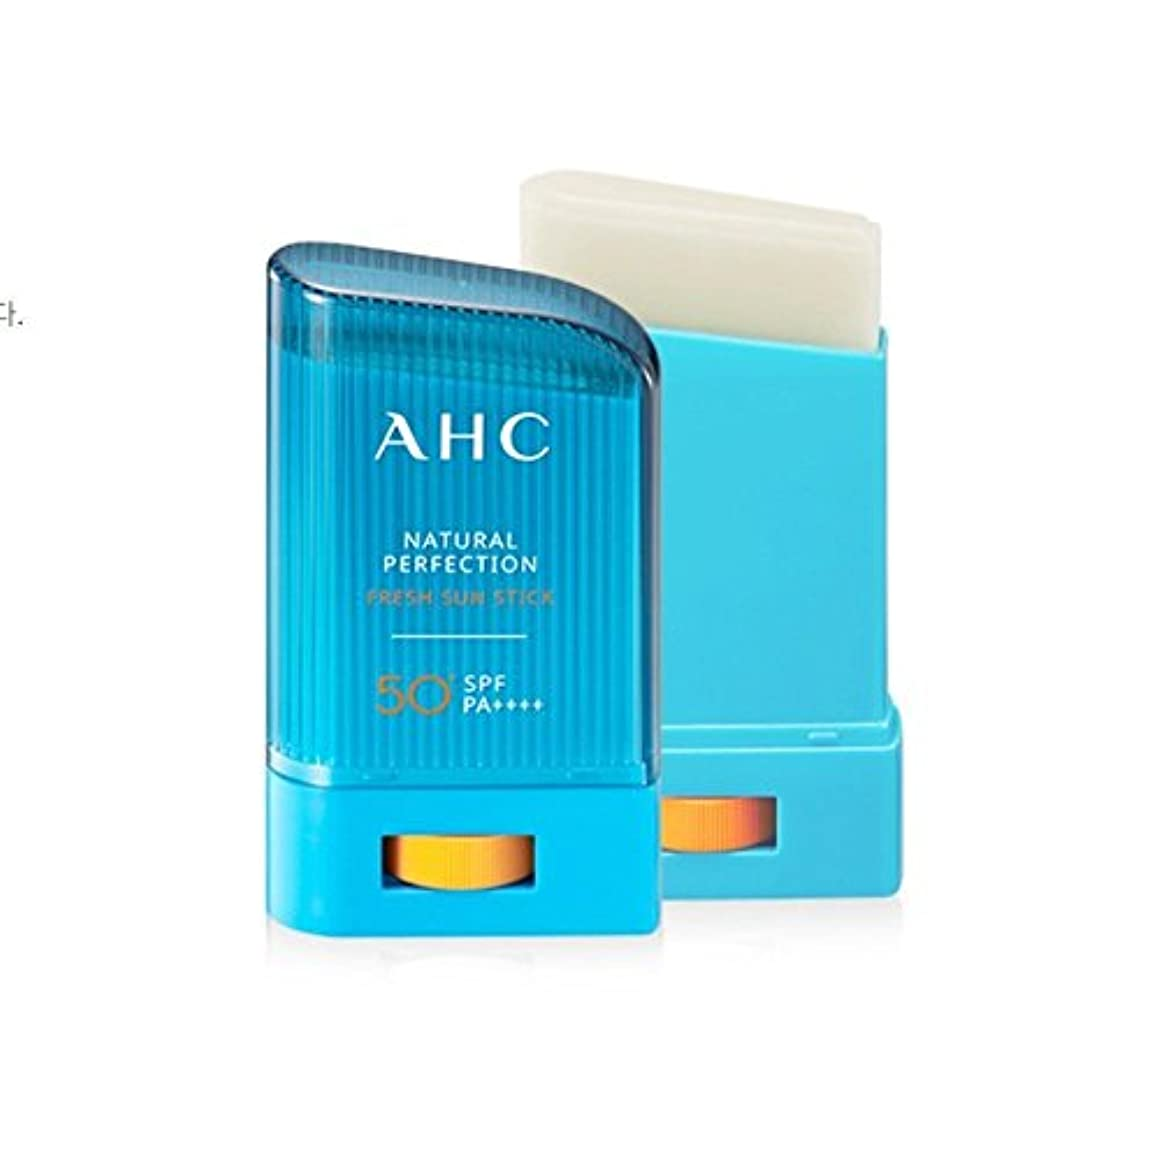 キャッチナサニエル区最終的に[1+1] AHC Natural Perfection Fresh Sun Stick ナチュラルパーフェクションフレッシュサンスティック 22g * 2個 [並行輸入品]